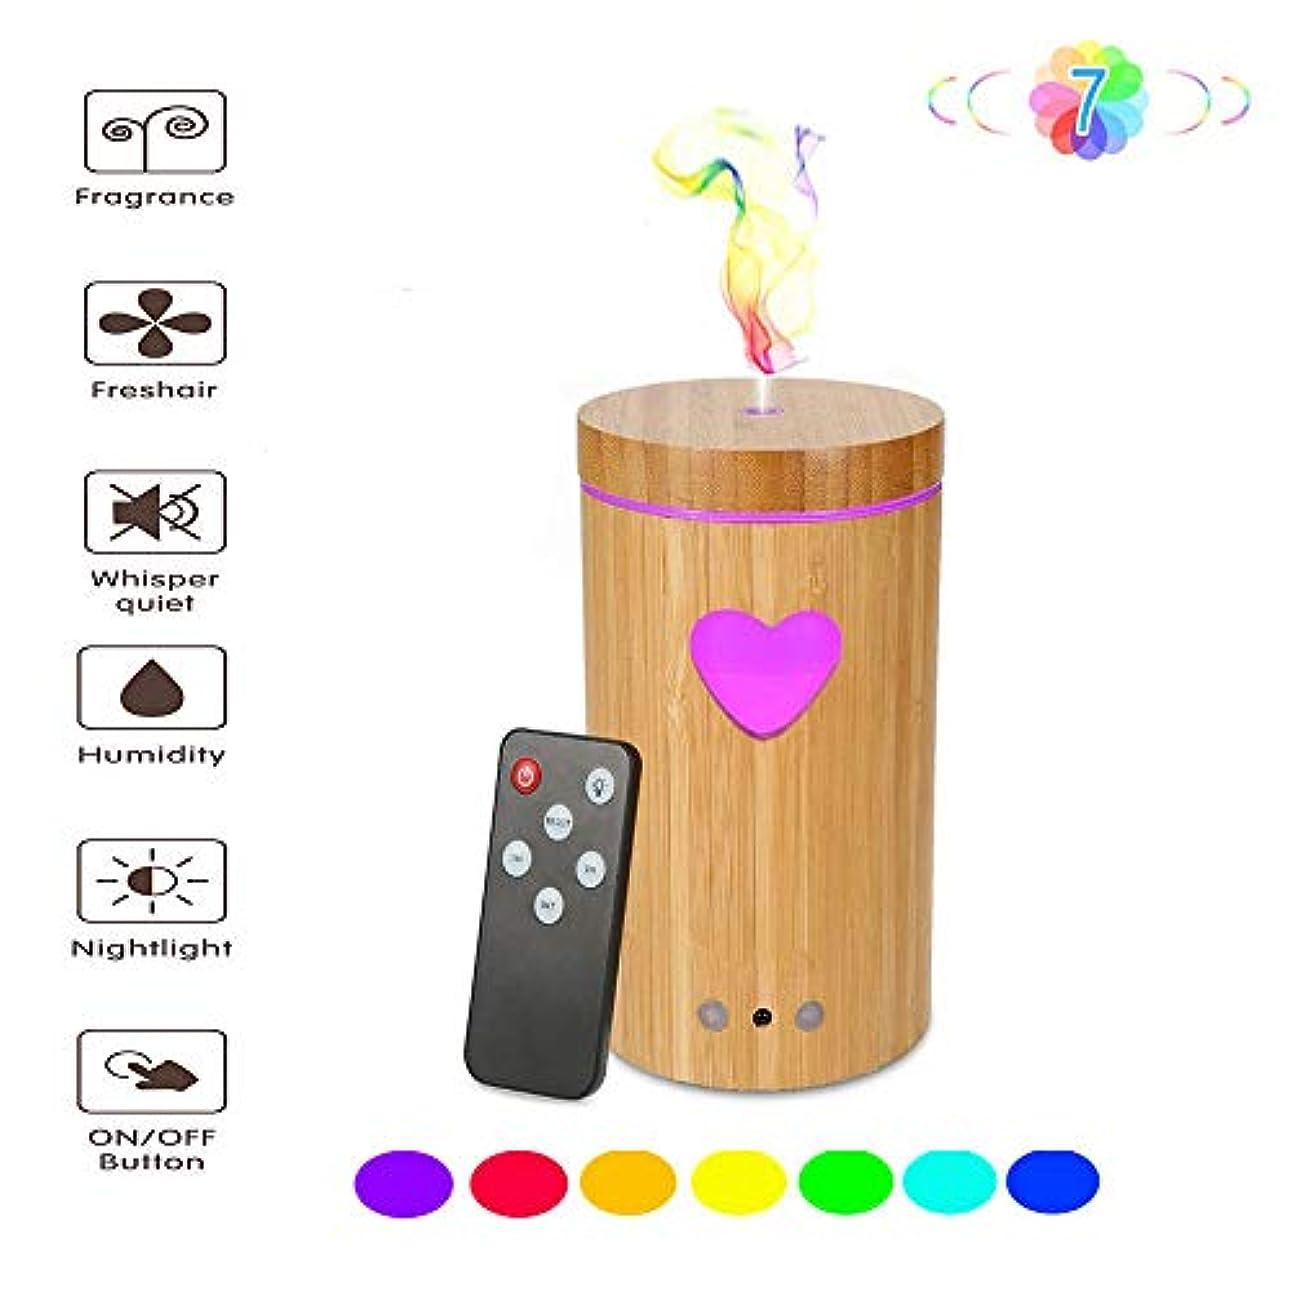 連合エッセンス拘束するエッセンシャルオイルディフューザー、超音波アロマディフューザーコールドミスト加湿器、リモコン付き7色ナイトライト2タイマーセット自動水閉(木目)